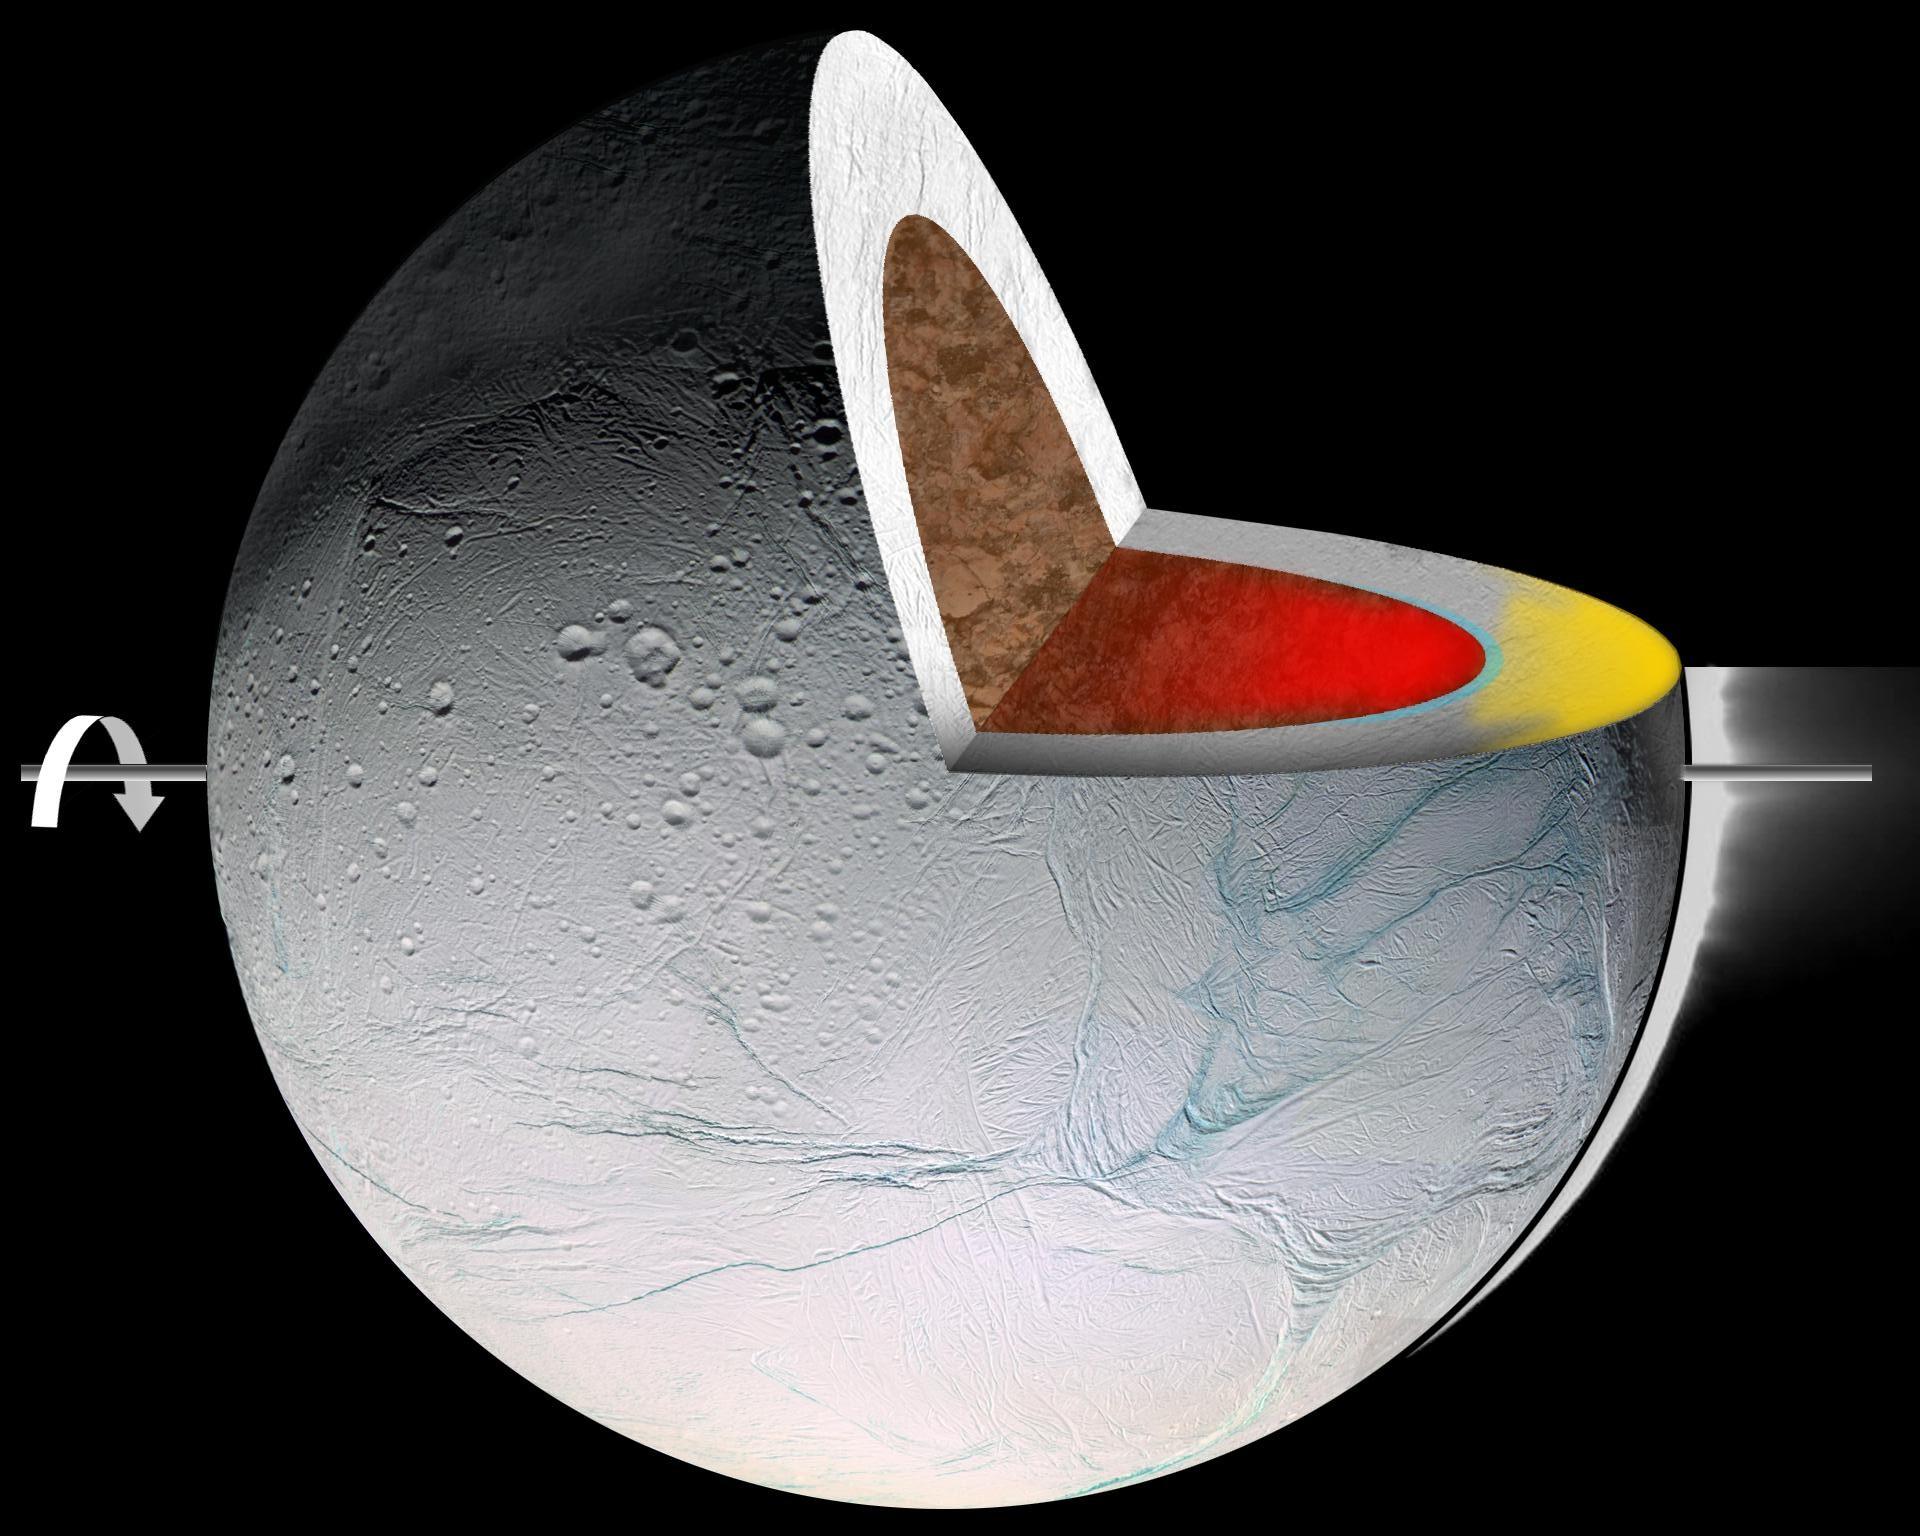 Enceladus Roll e1396669002501 準惑星エンケラドスで水の存在が裏付けられる!